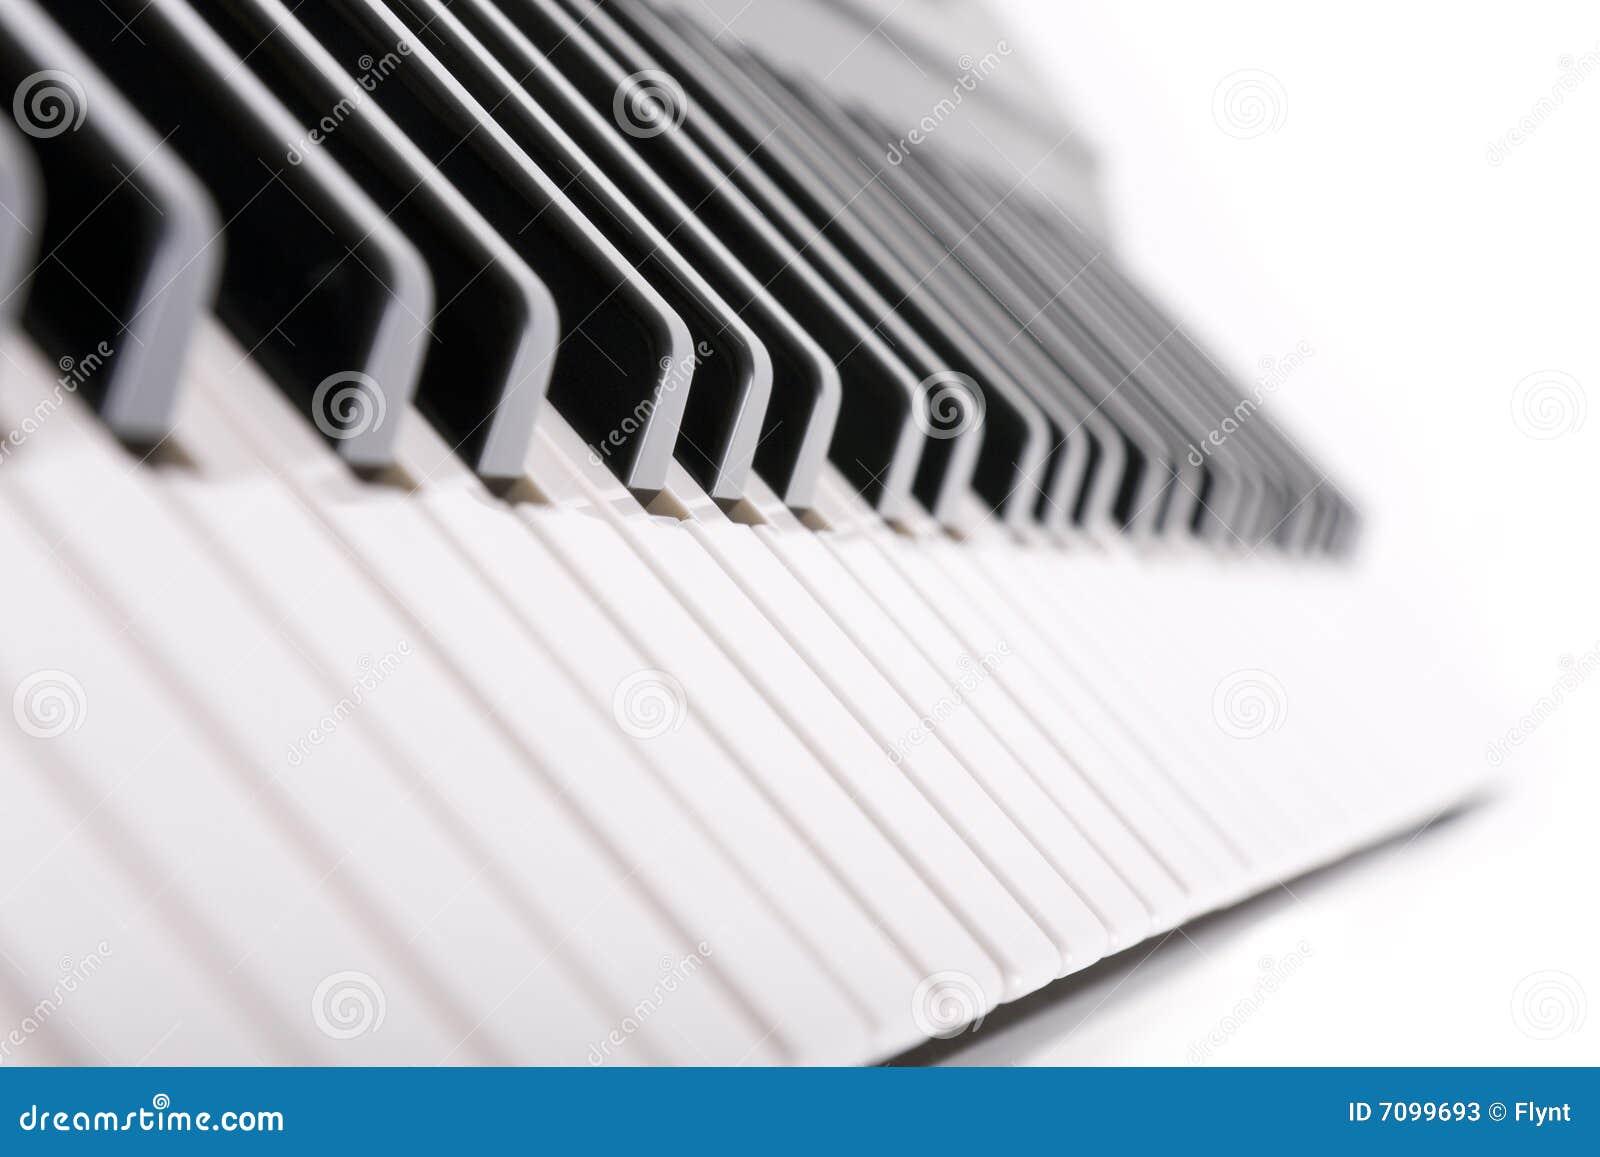 锁上钢琴白色